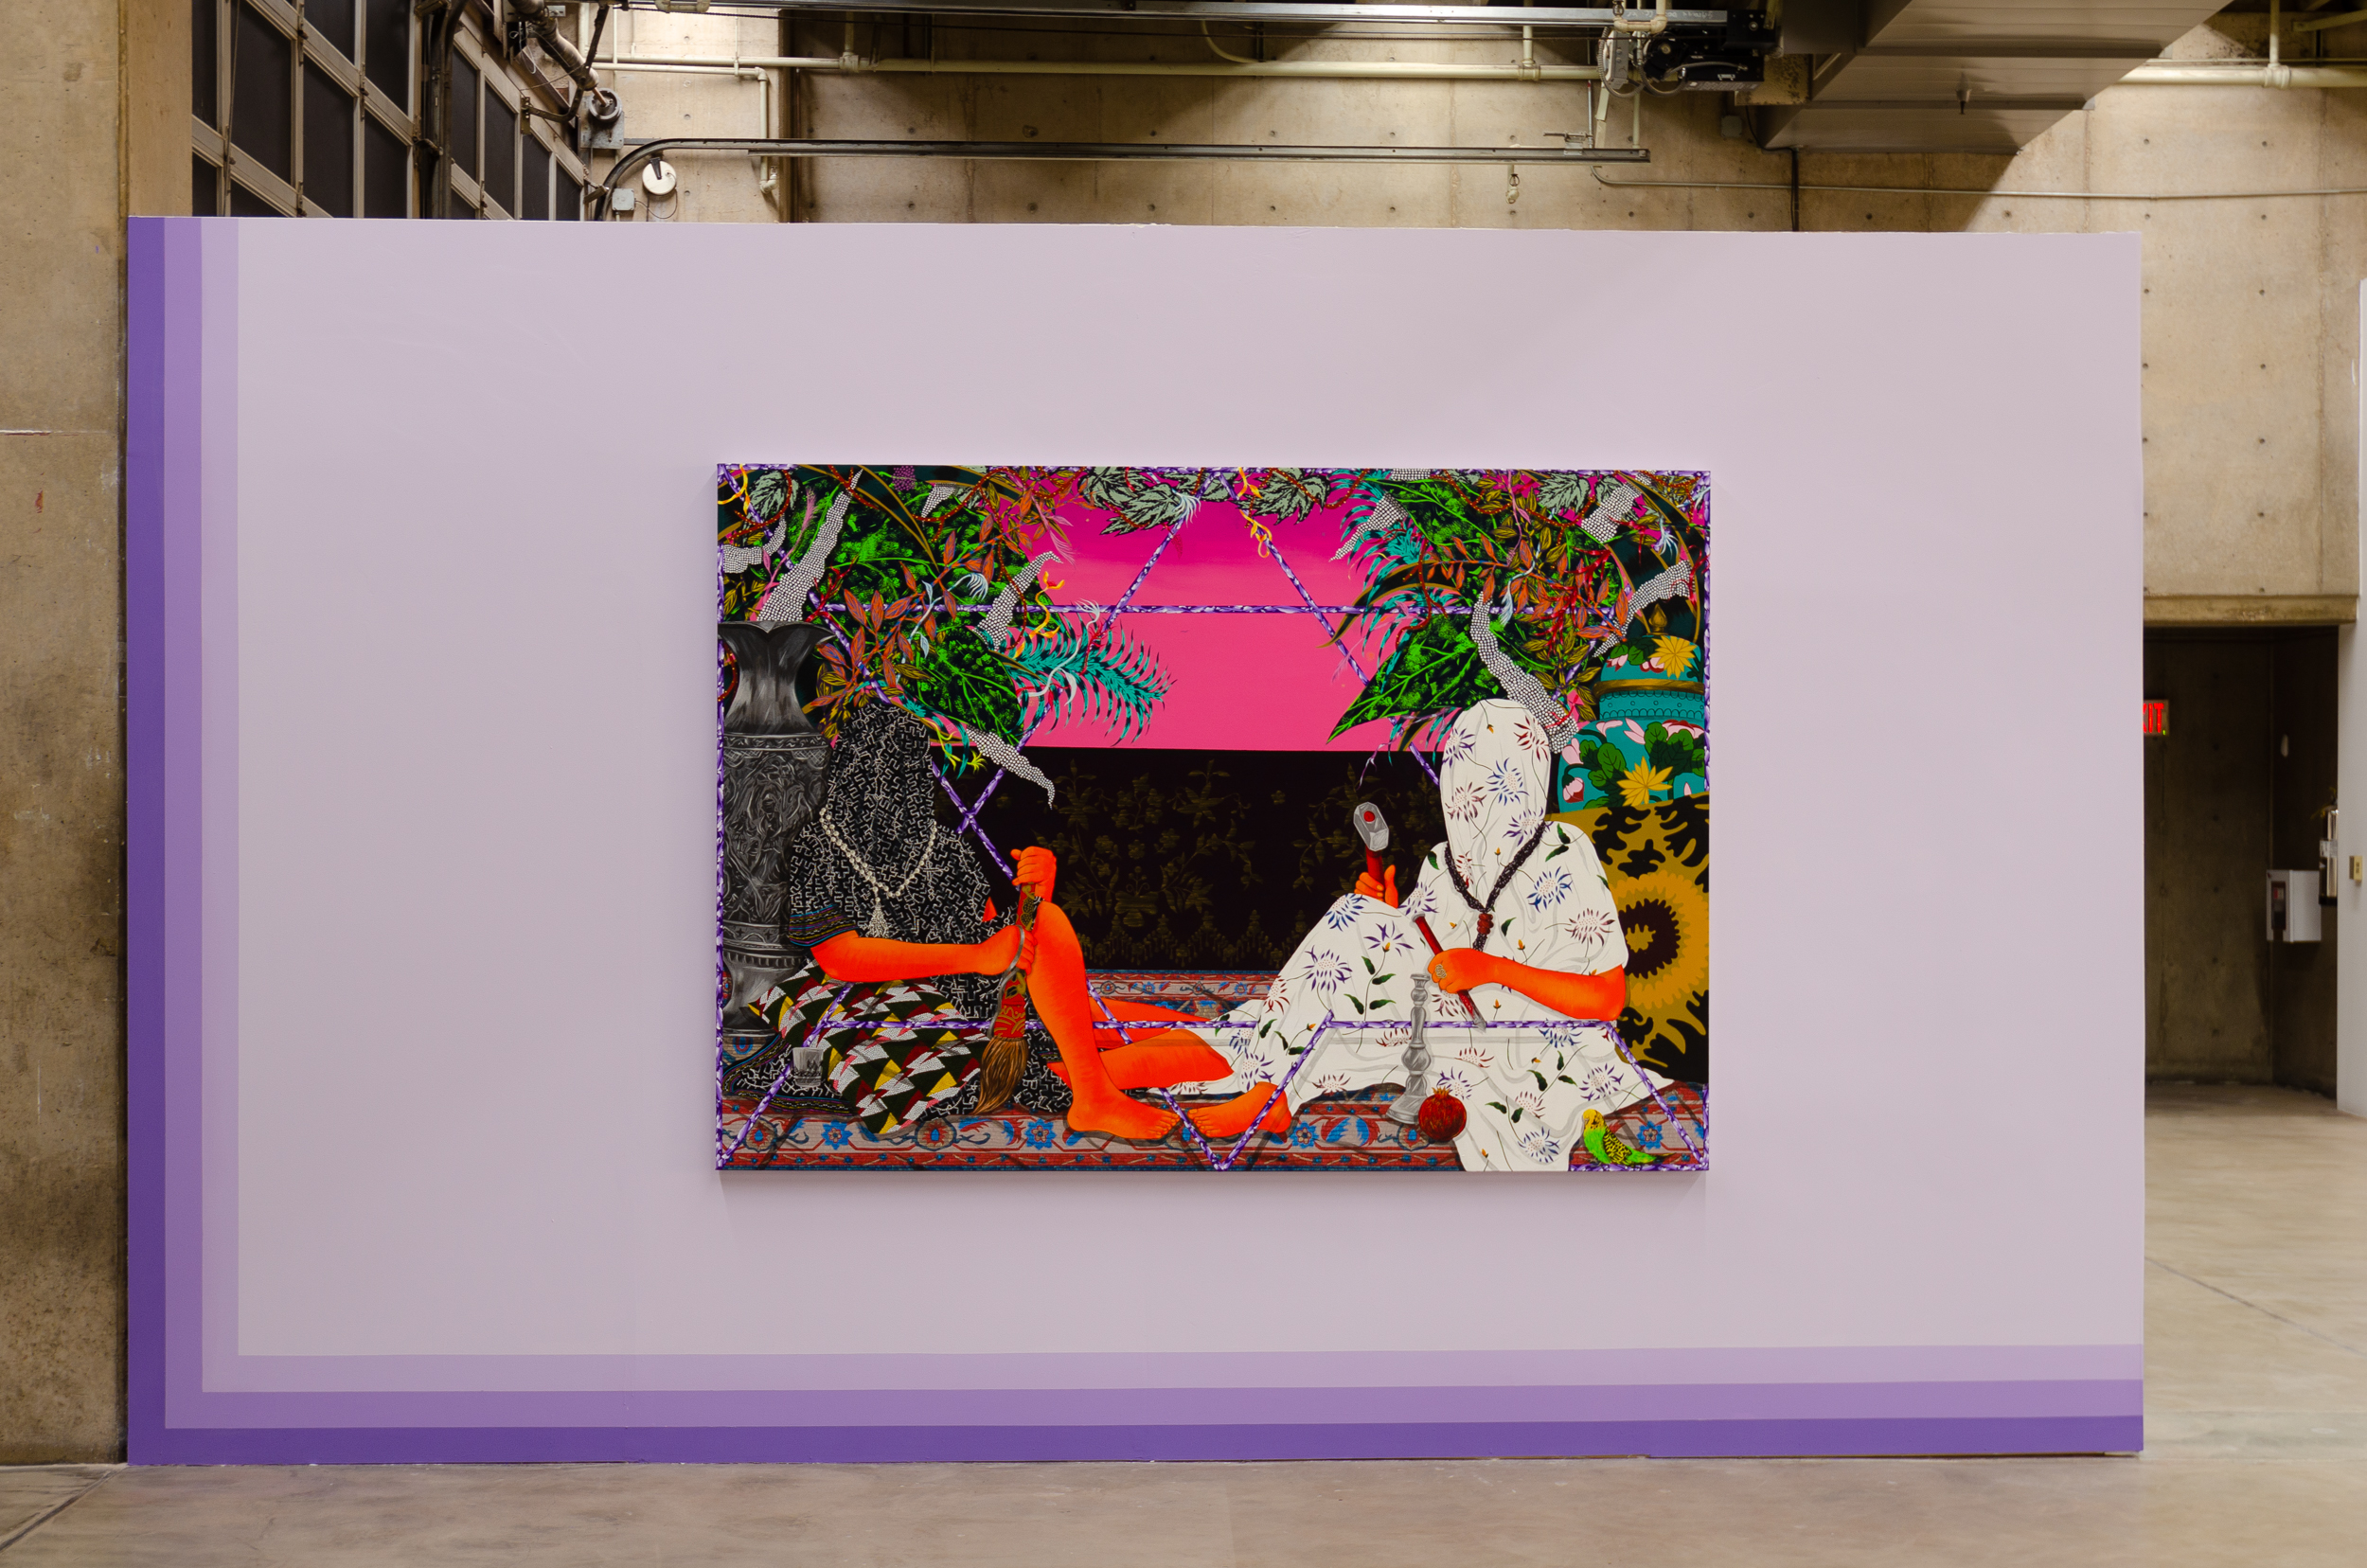 Amir H. Fallah Gets Major Solo Exhibition at MOCA Tucson